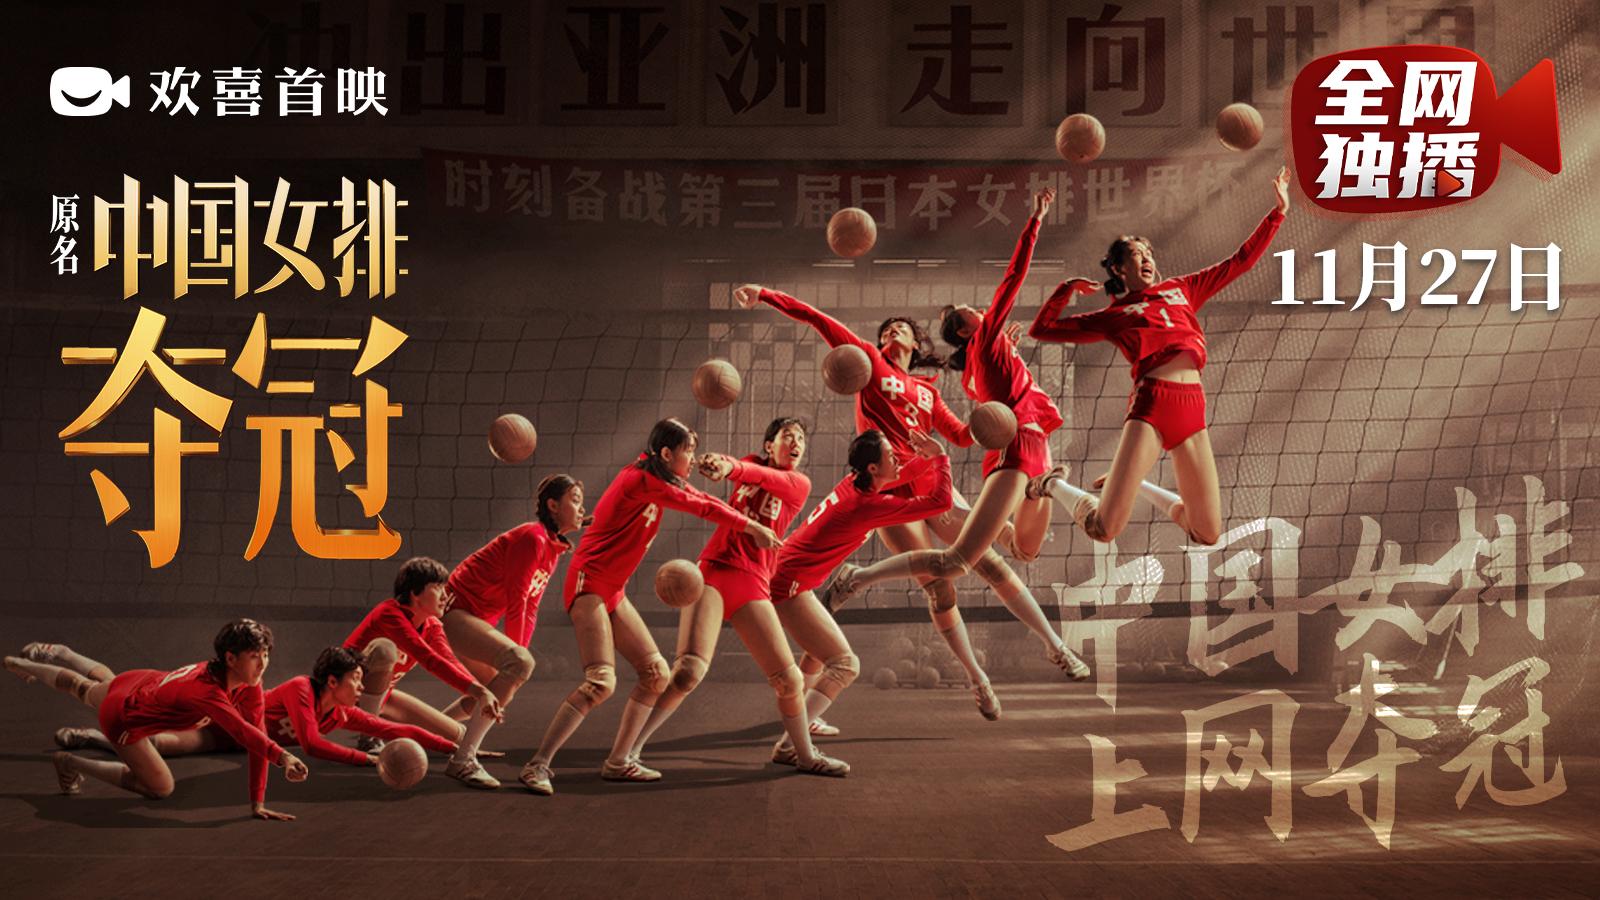 《夺冠》11月27日独家登陆欢喜首映,巩俐黄渤的神仙同框马上来了